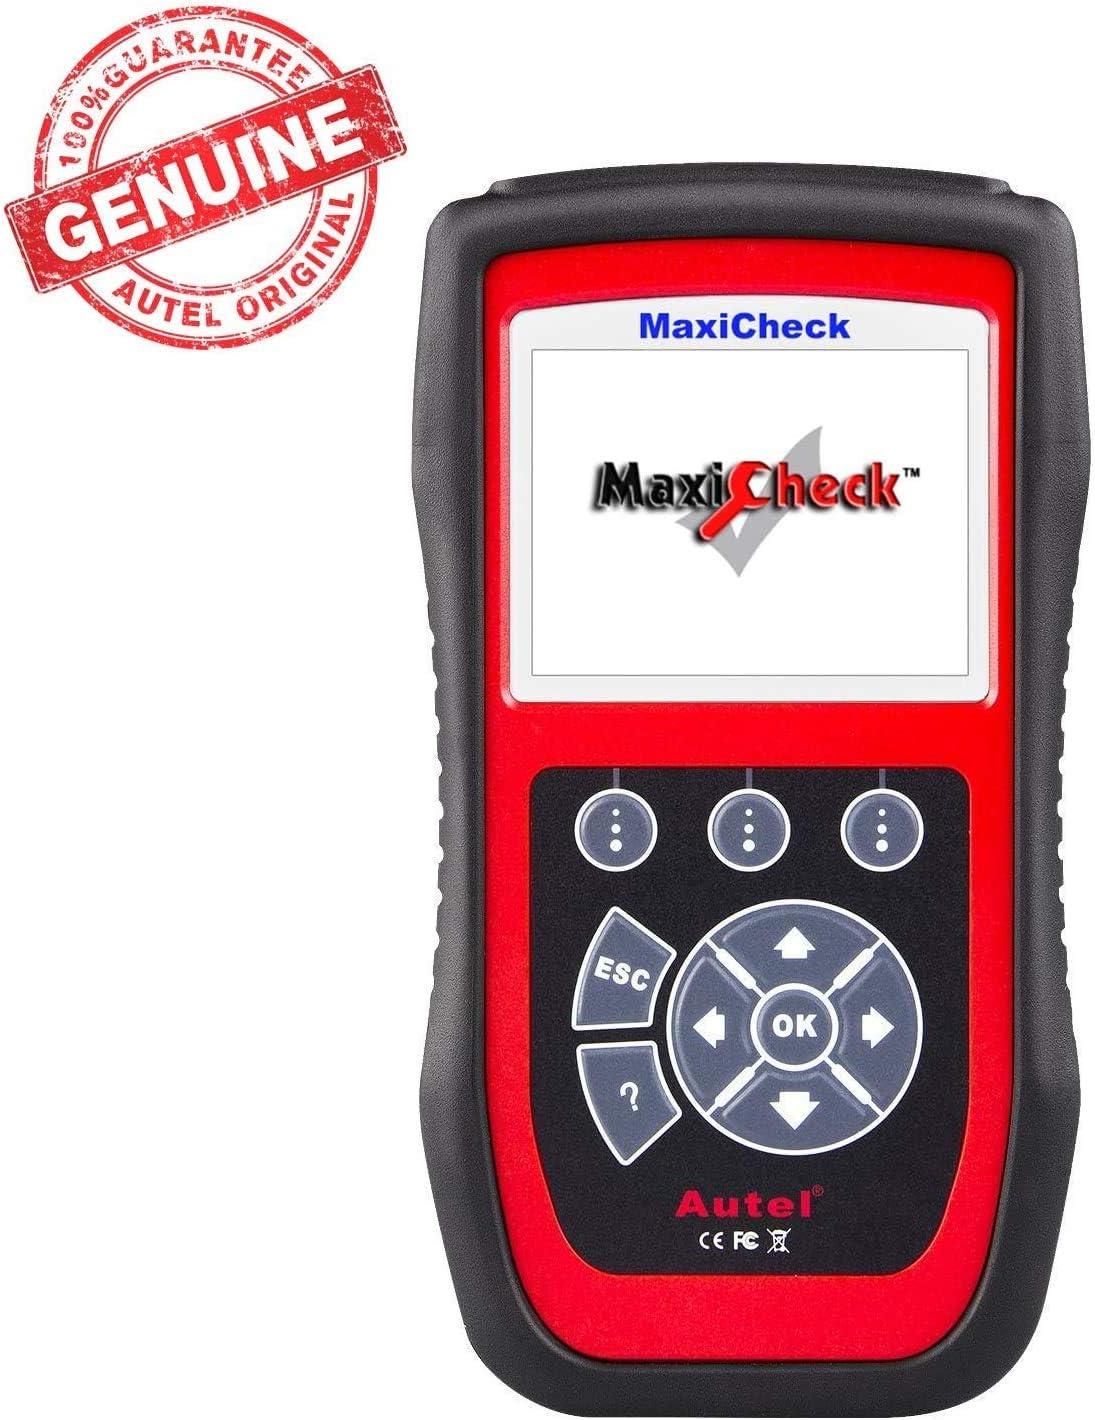 Autel MaxiCheck Pro ABS Purga De Freno Escáner OBD2 Herramienta de diagnóstico de Coche EPB/ABS/SRS/SAS/Airbag/Restablecimiento del Servicio de Aceite/BMS/DPF